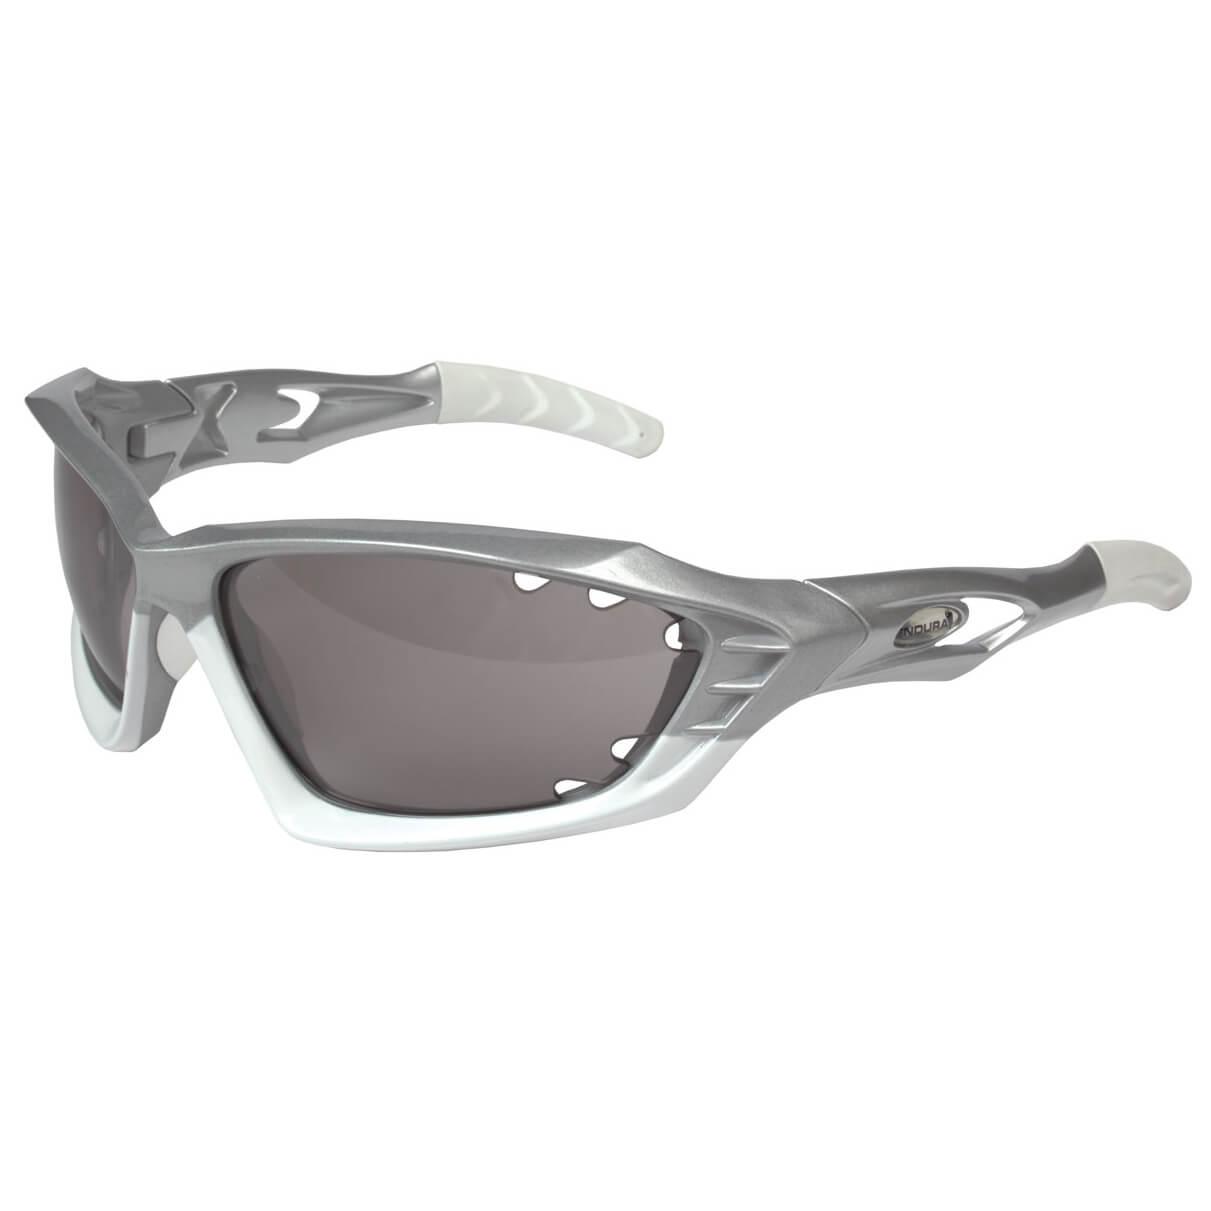 endura mullet glasses fahrradbrille online kaufen. Black Bedroom Furniture Sets. Home Design Ideas